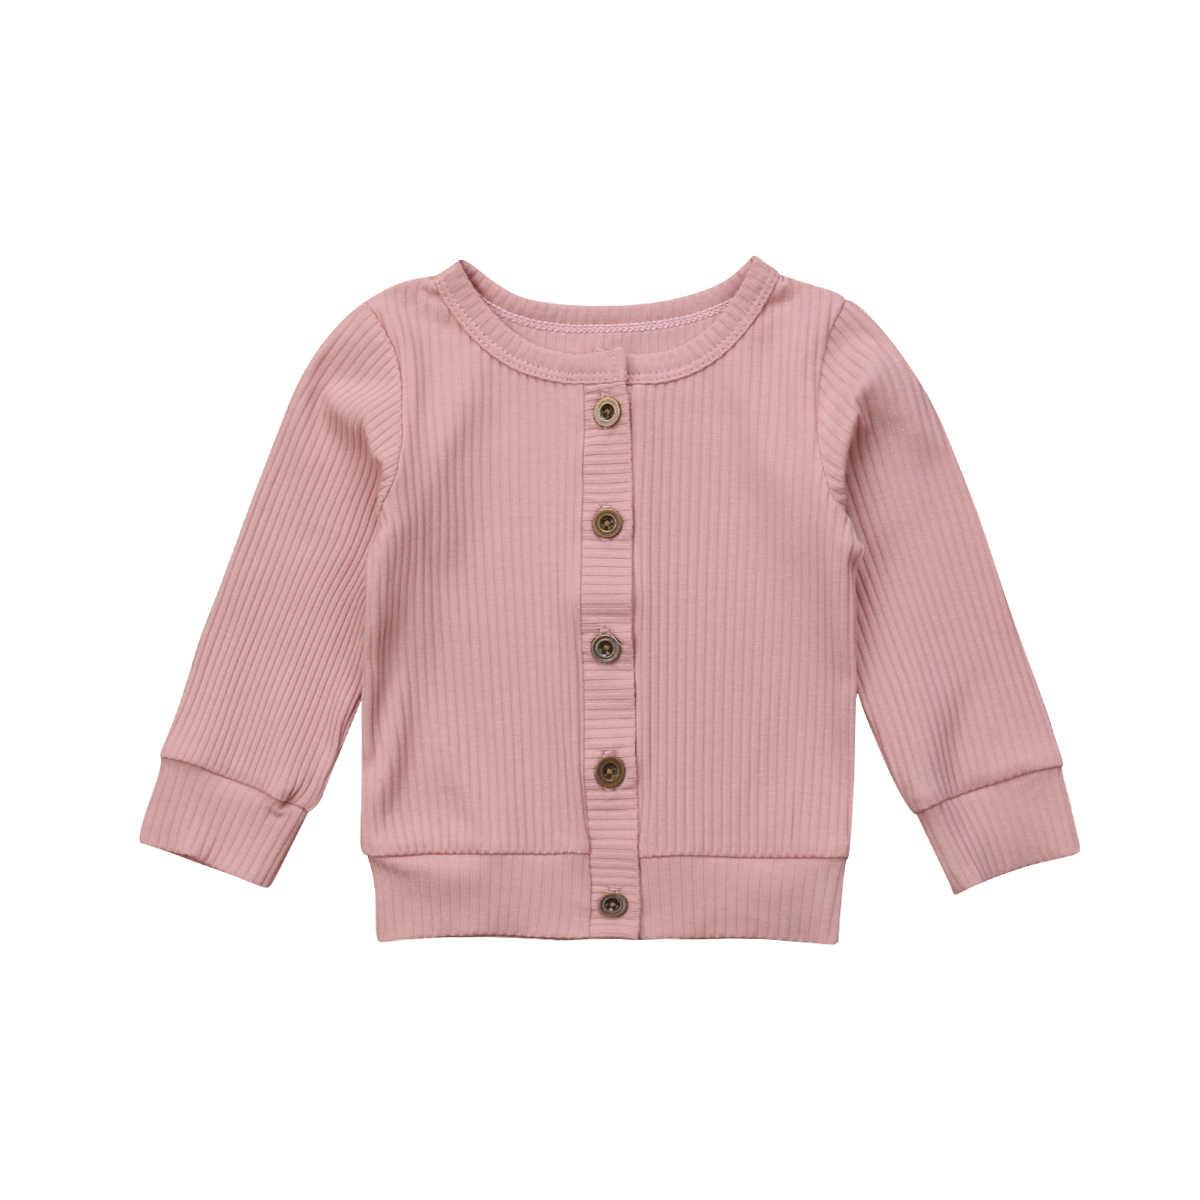 Casual suave recién nacido abrigos de bebé sólido niños pequeños niñas suéter de punto niños Cardigan colorido traje de moda infantil botón abrigo